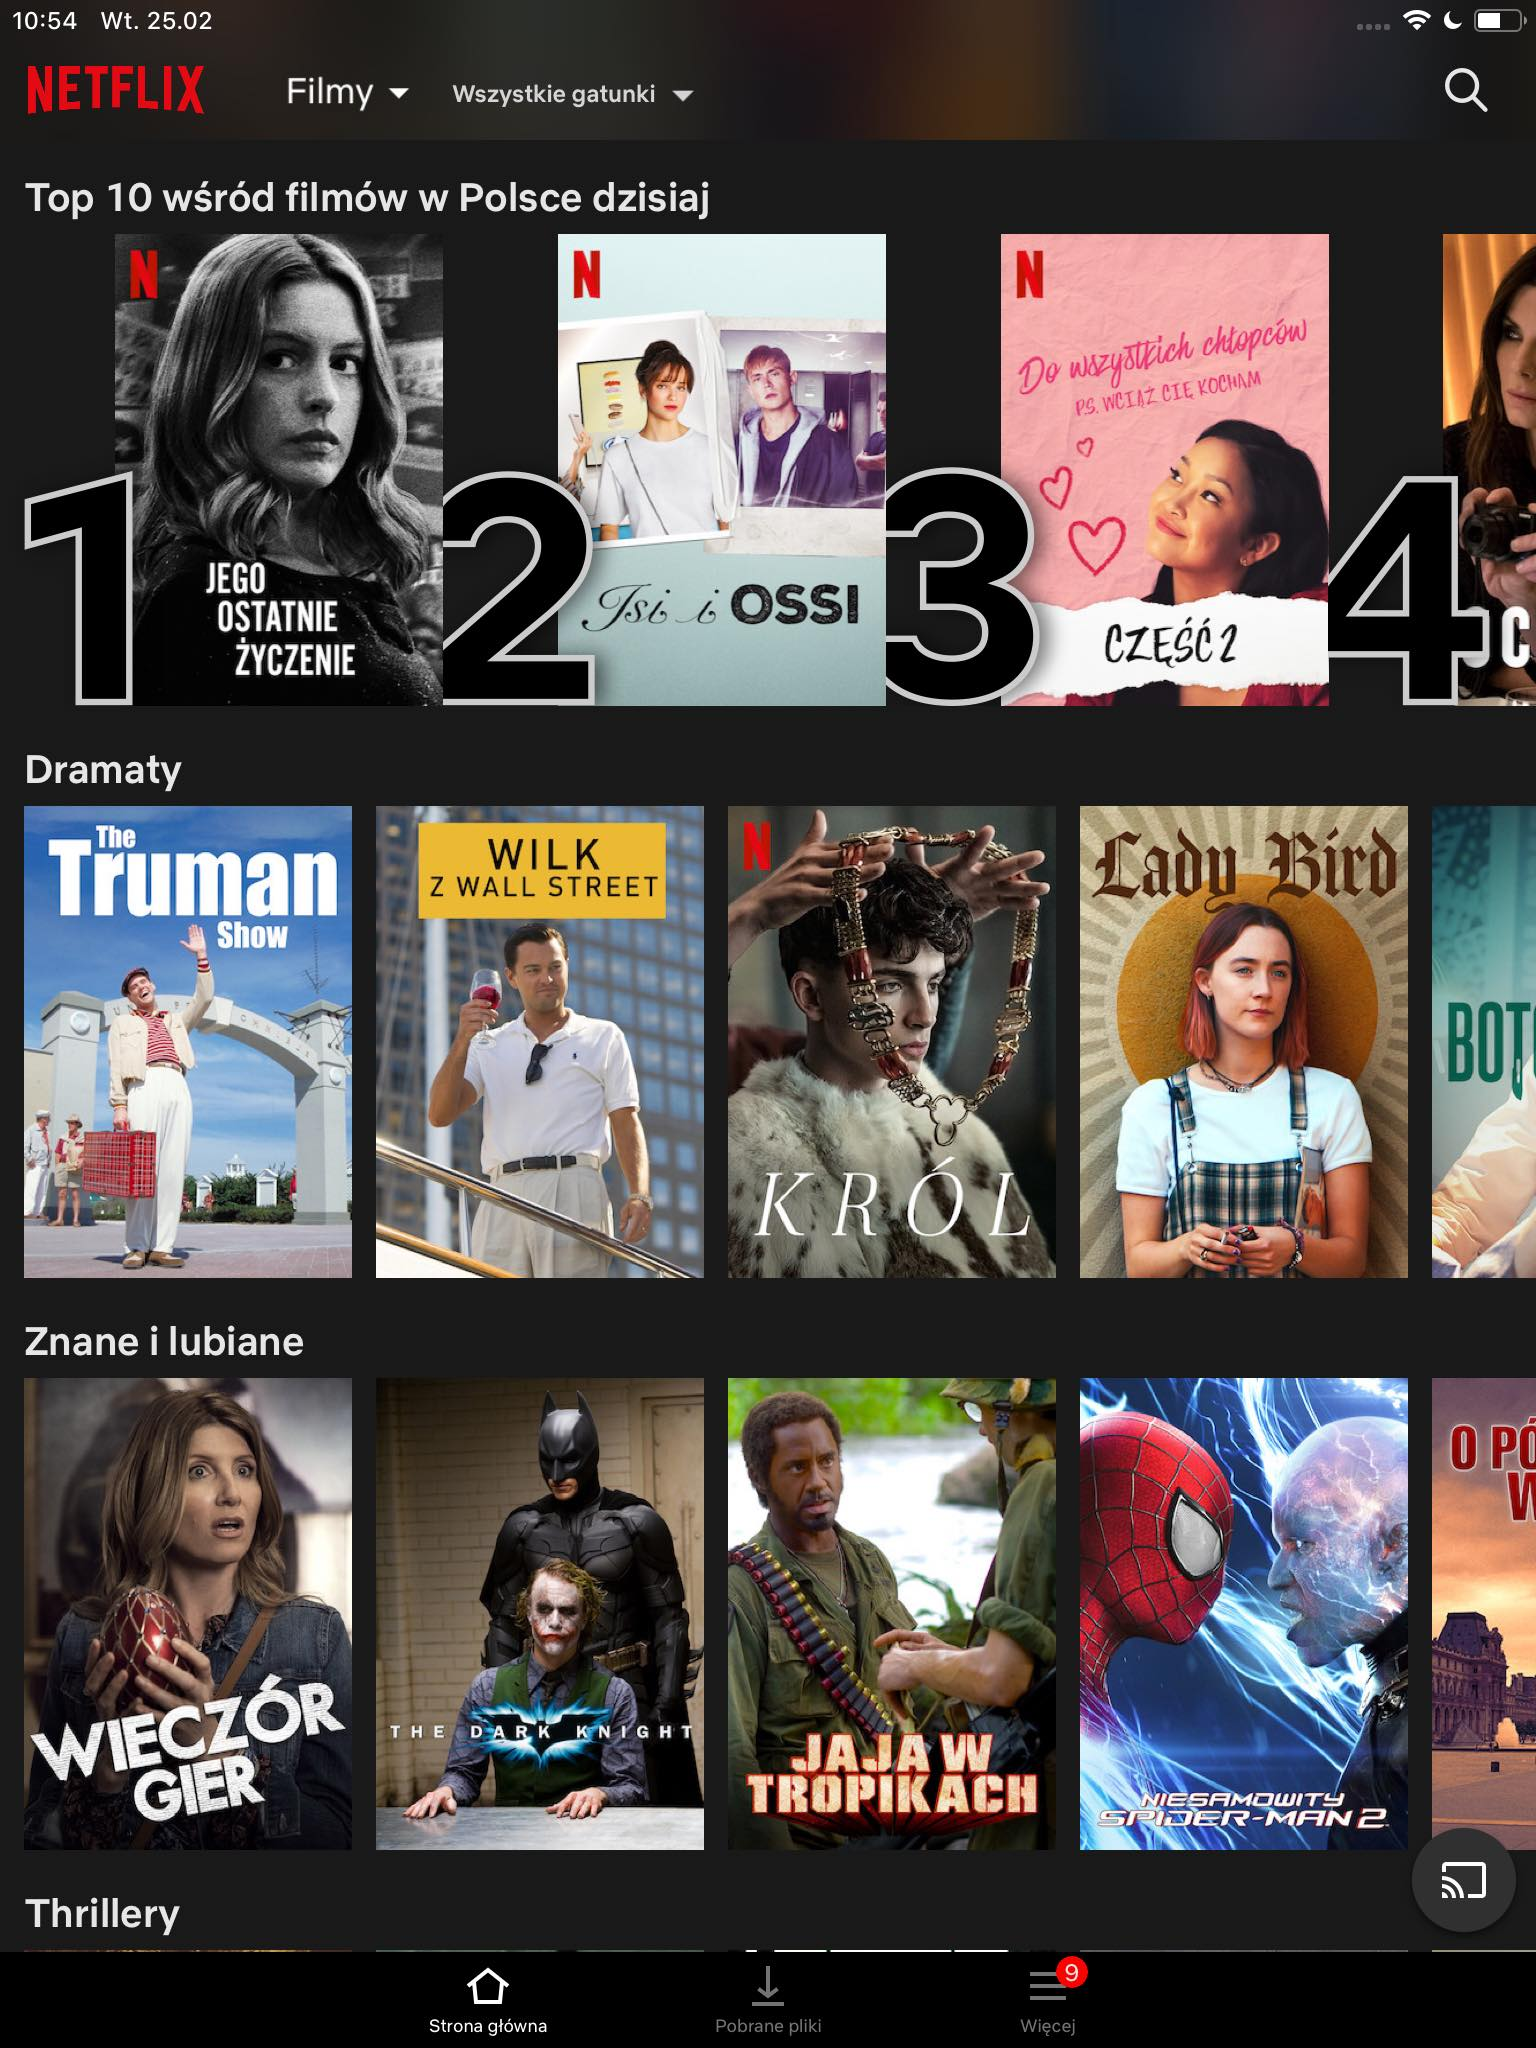 W końcu można sprawdzić, co najlepiej ogląda się na Netflix w Polsce. Zaskoczeni?